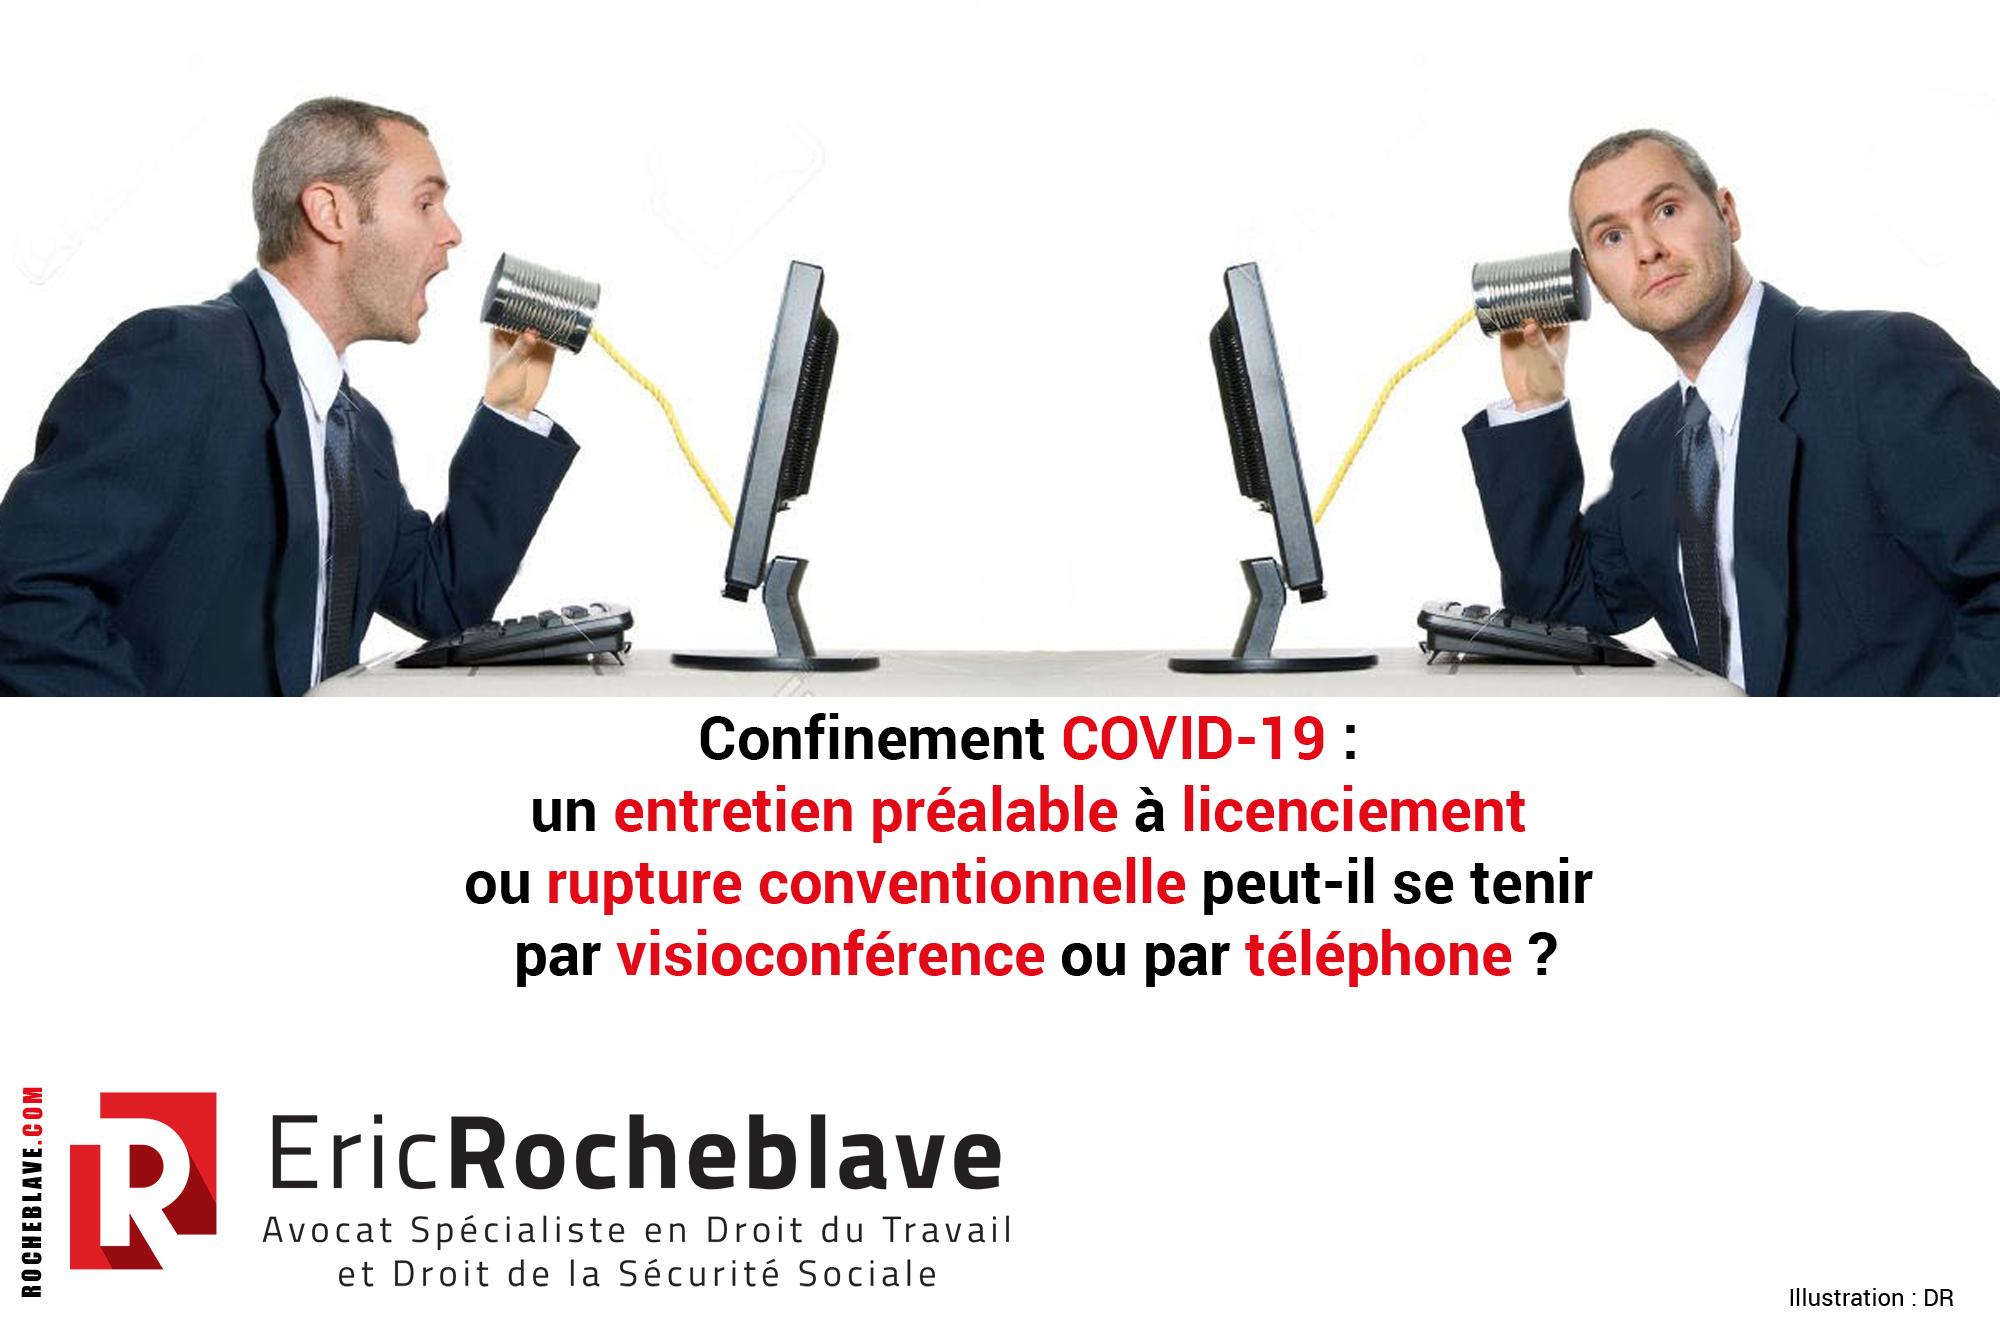 Confinement COVID-19 : un entretien préalable à licenciement ou rupture conventionnelle peut-il se tenir par visioconférence ou par téléphone ?